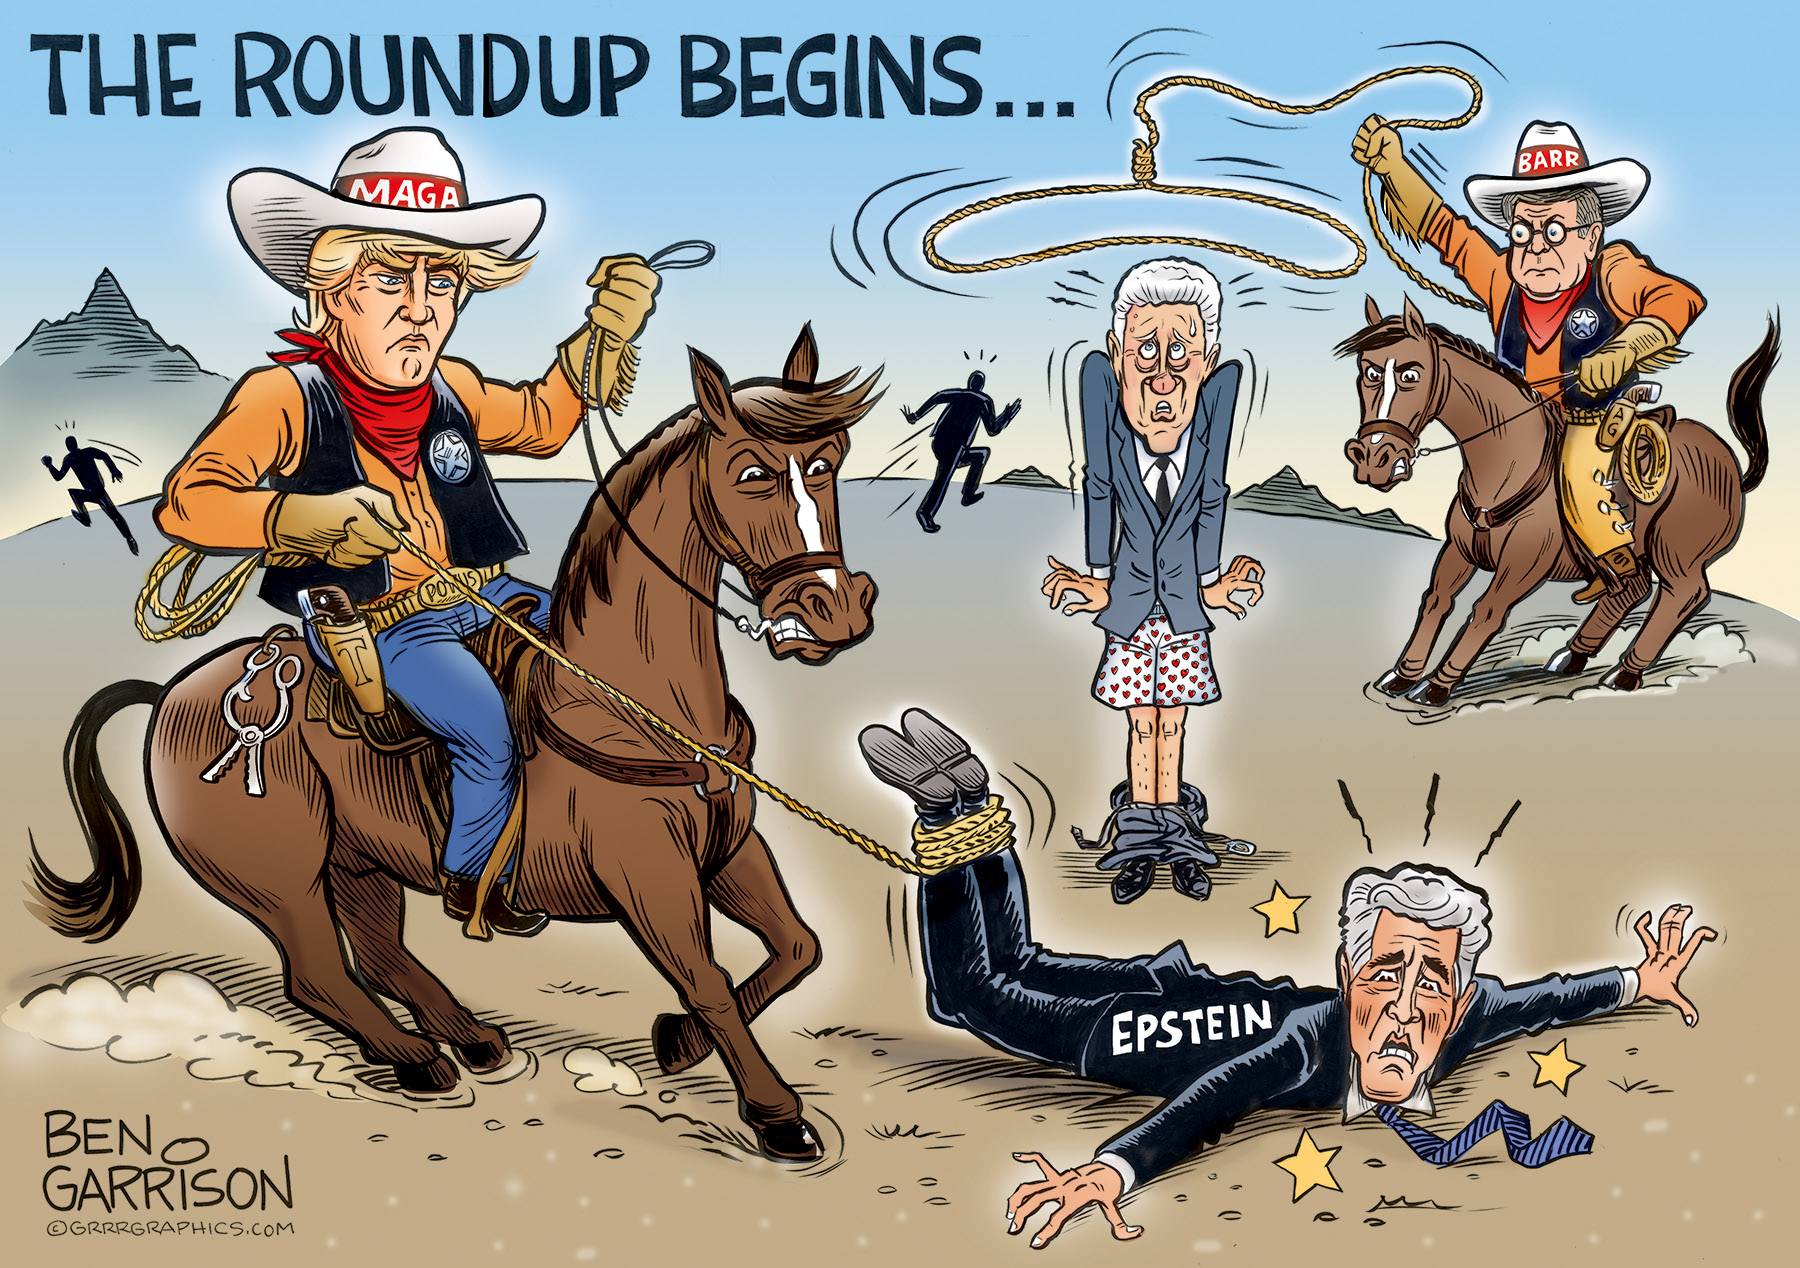 [Image: epstein_cartoon.jpg]